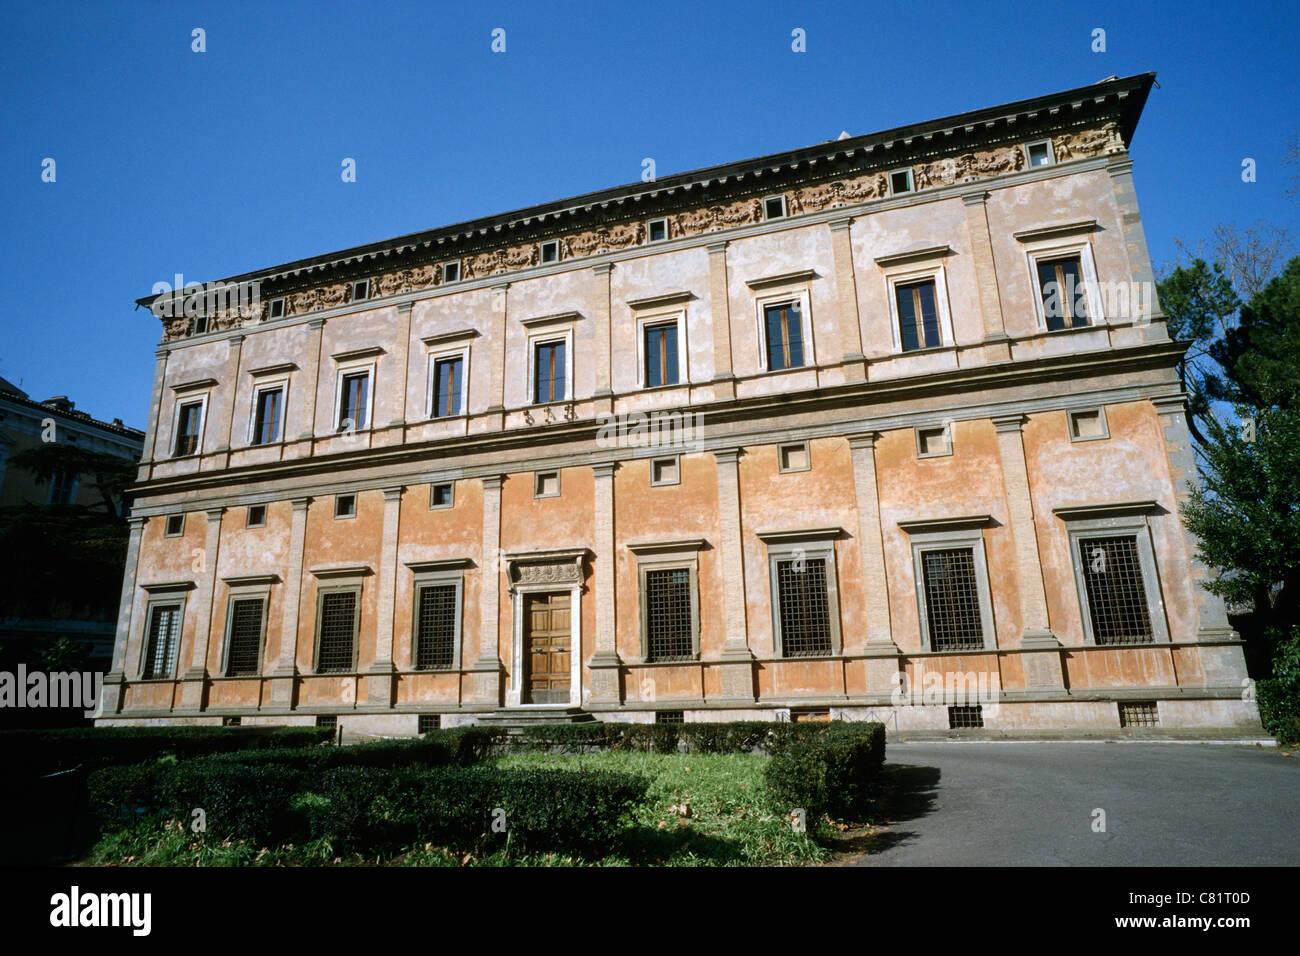 Villa Farnesina Trastevere Rom, Italien. Stockfoto